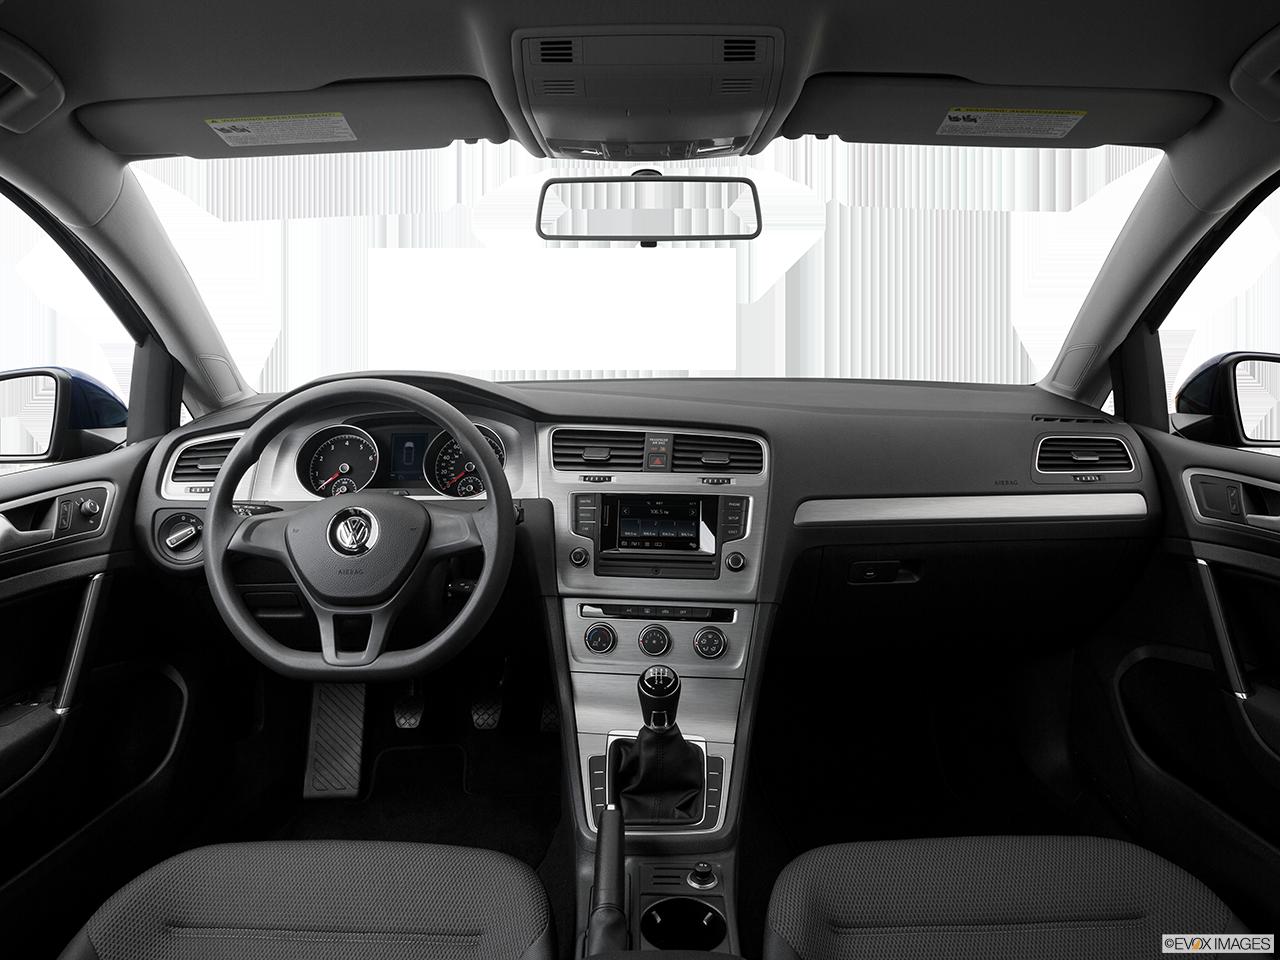 Interior View Of 2017 Volkswagen Golf Riverside